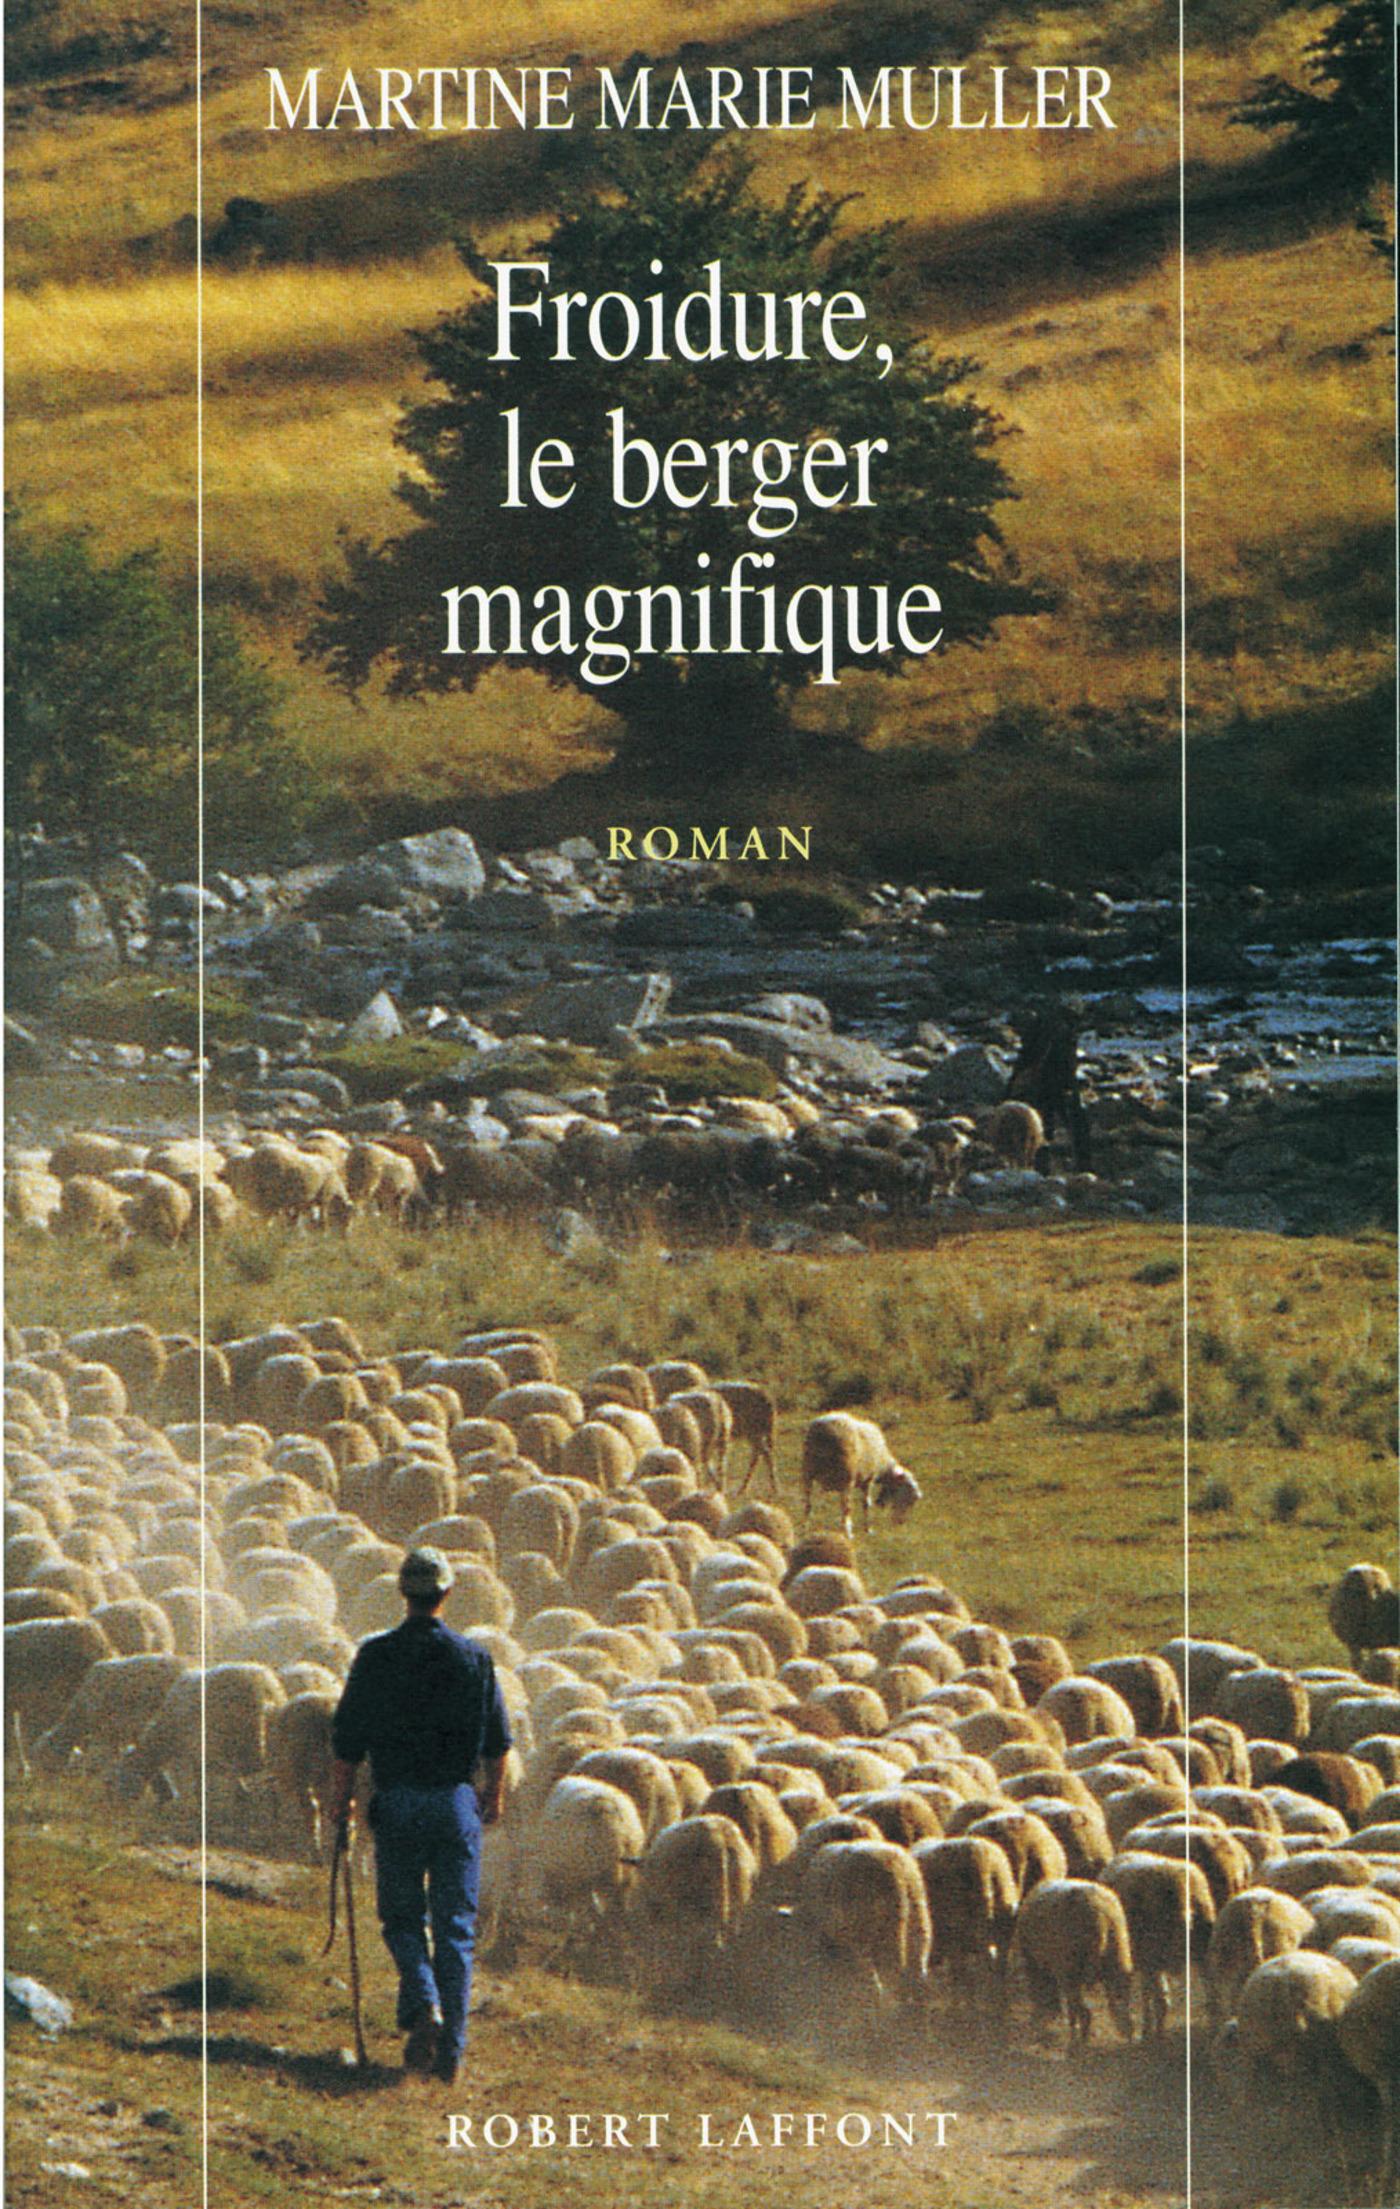 Froidure, le berger magnifique (ebook)